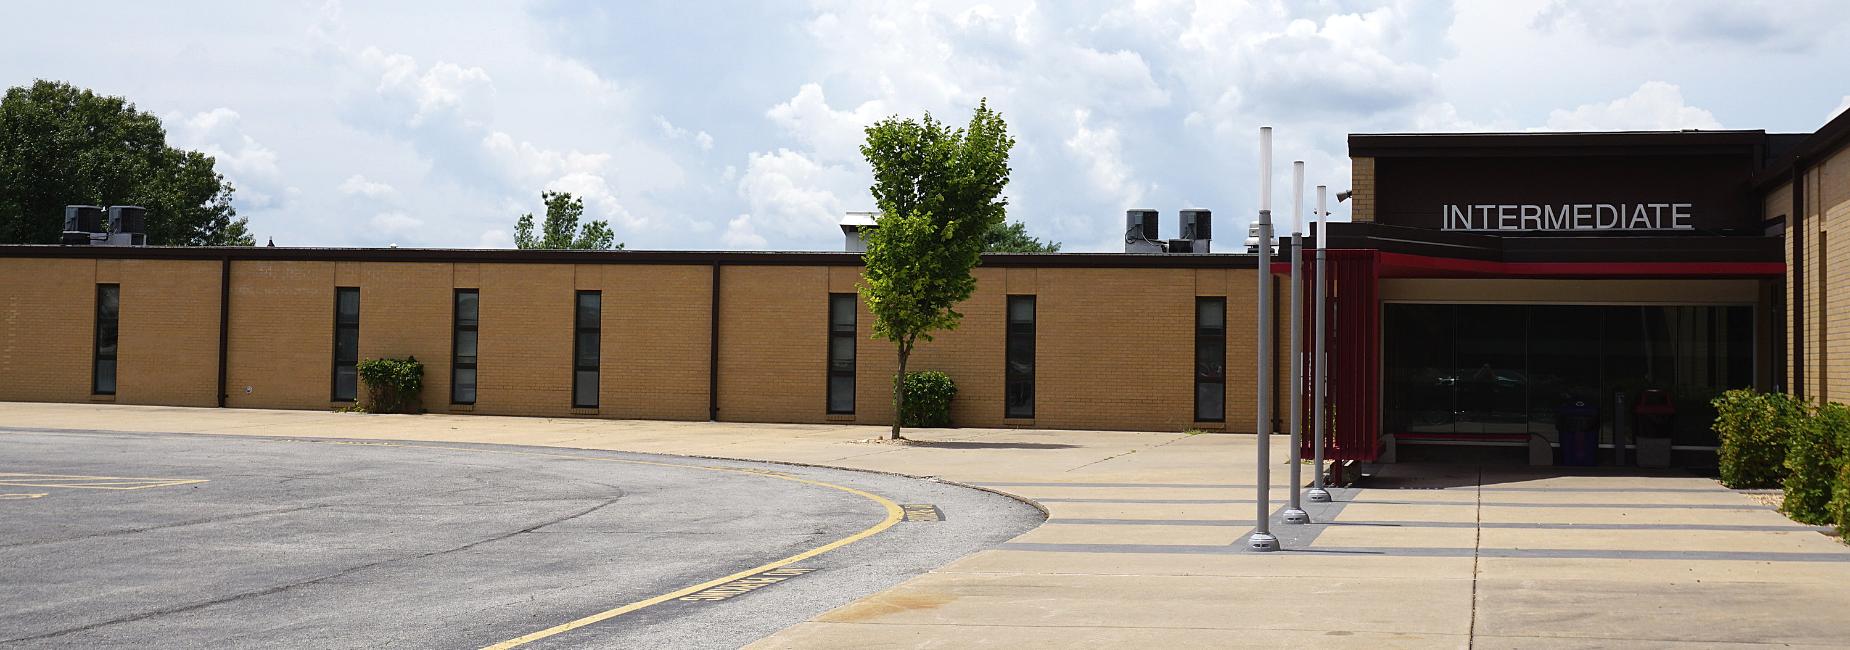 Reeds Spring Intermediate School